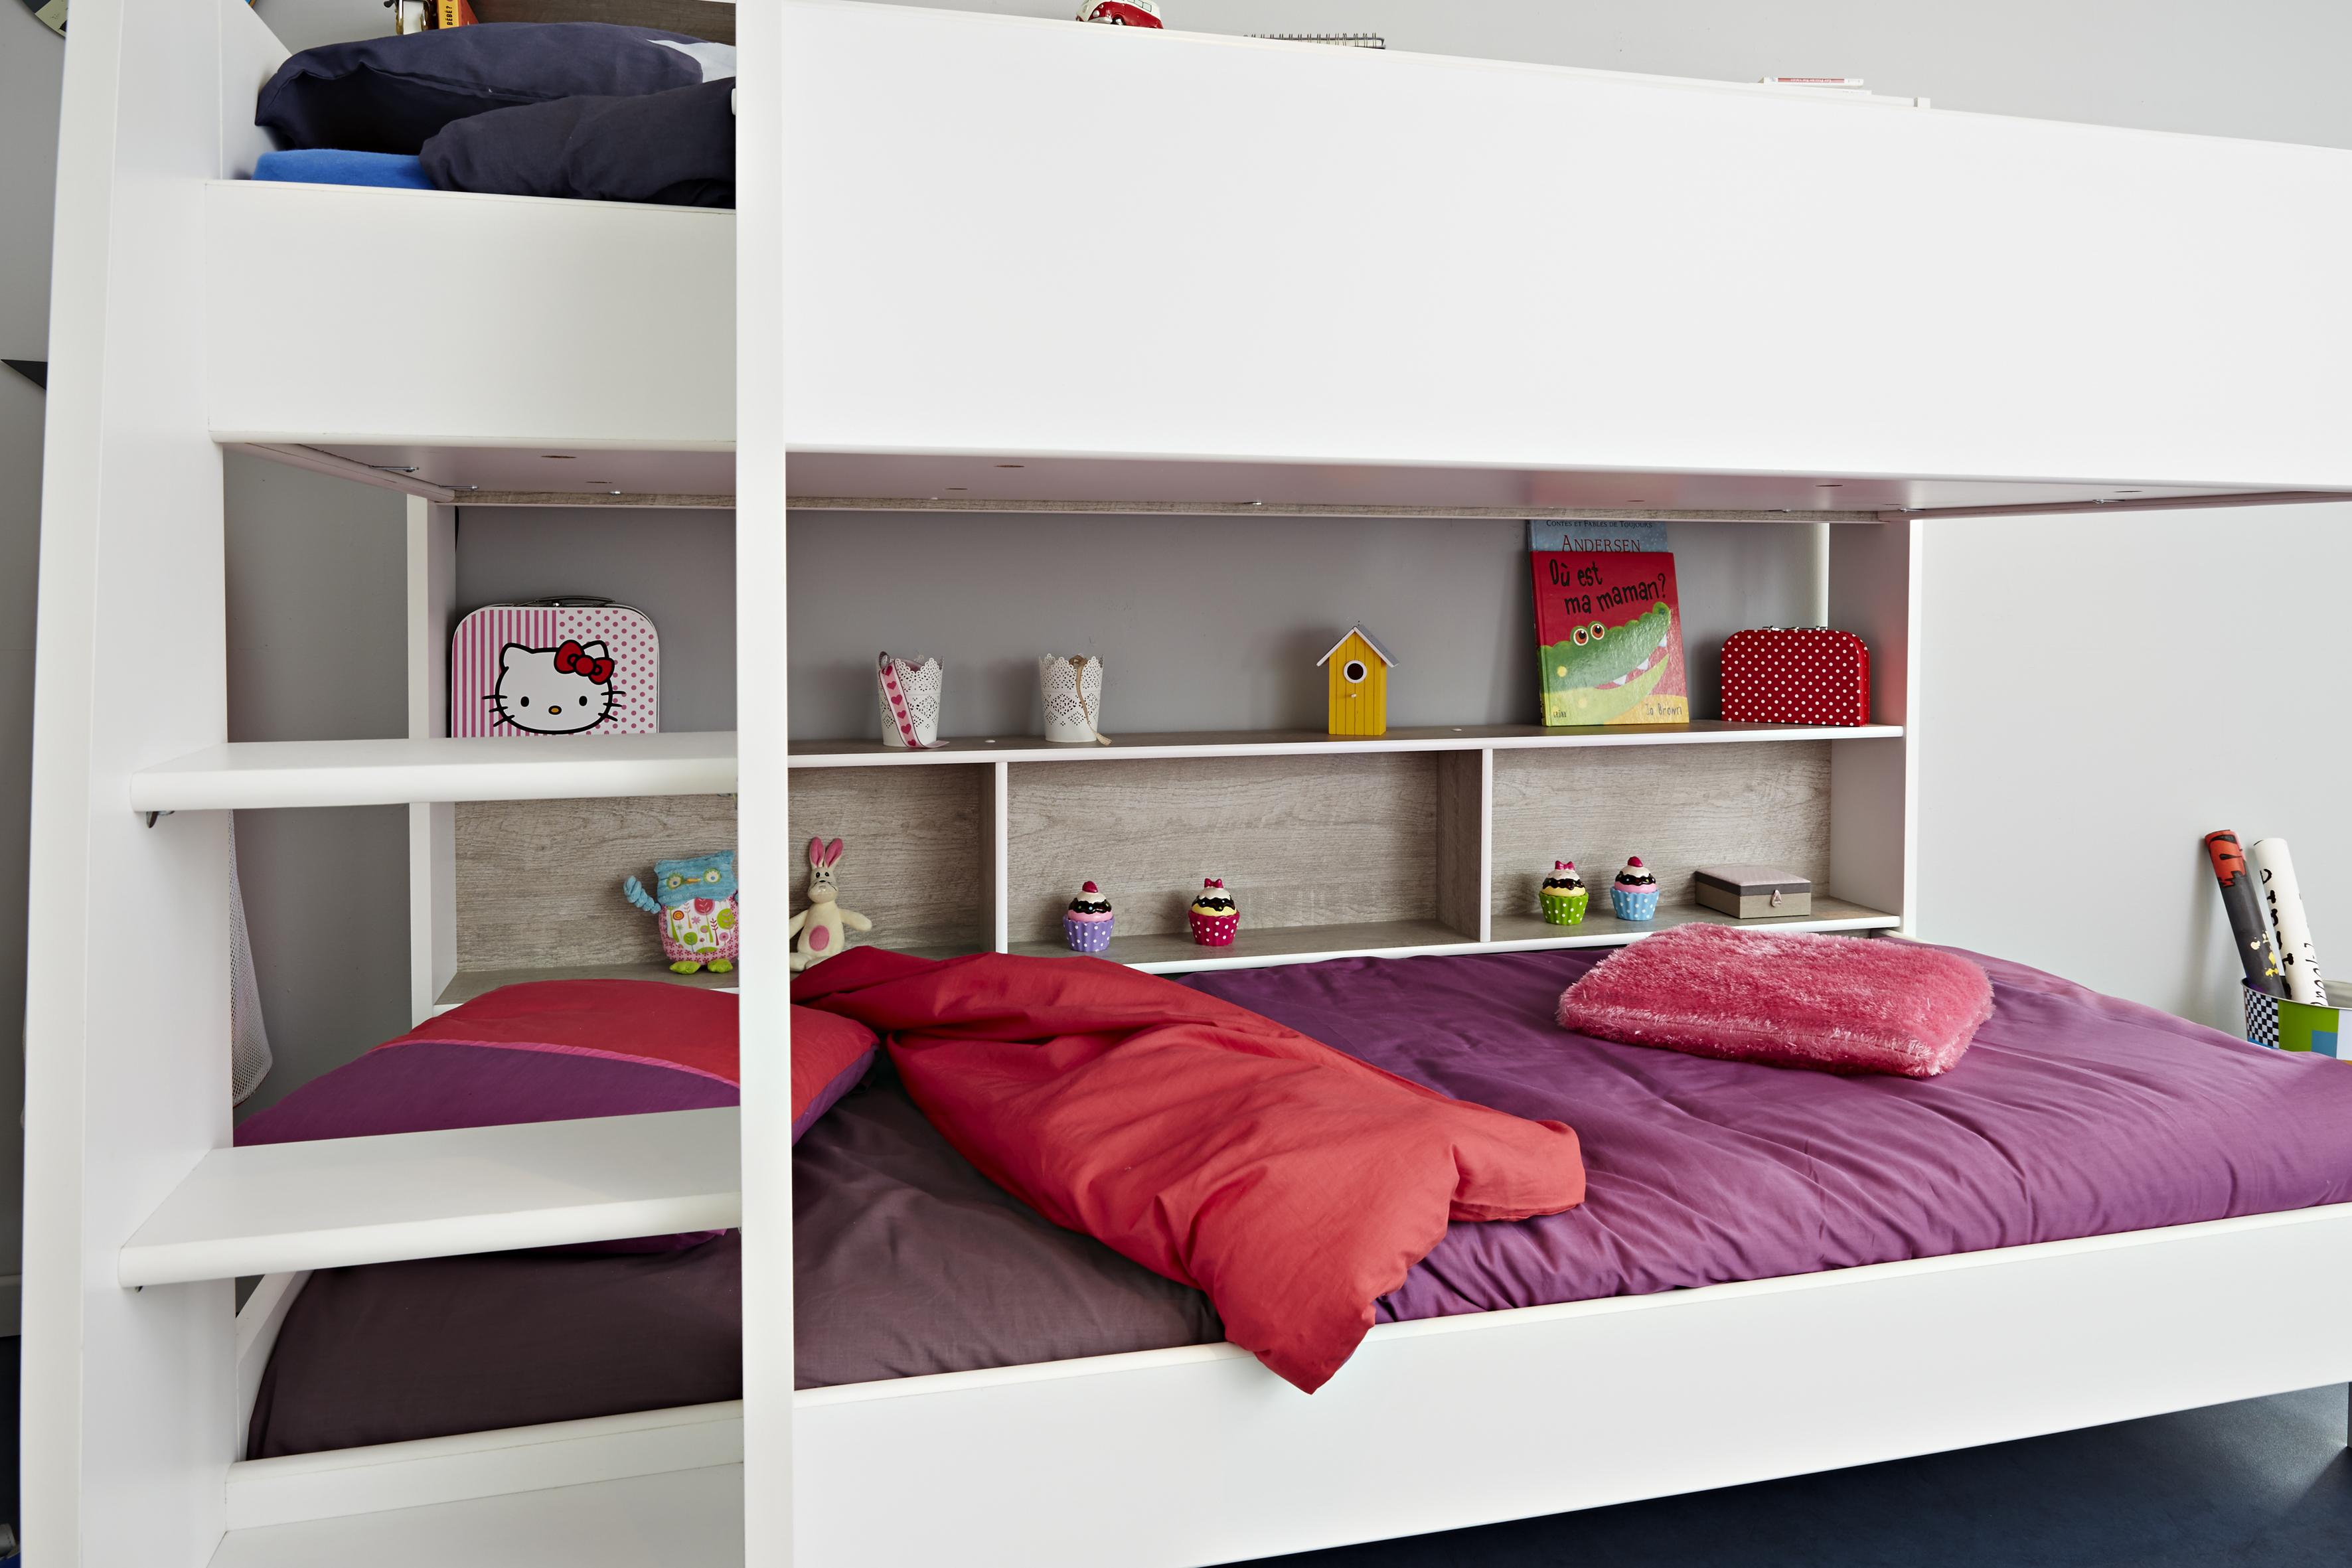 Leiter Schutz Etagenbett : 90x200 etagenbett inkl leiter u bettschubkasten taylor 1 von parisot